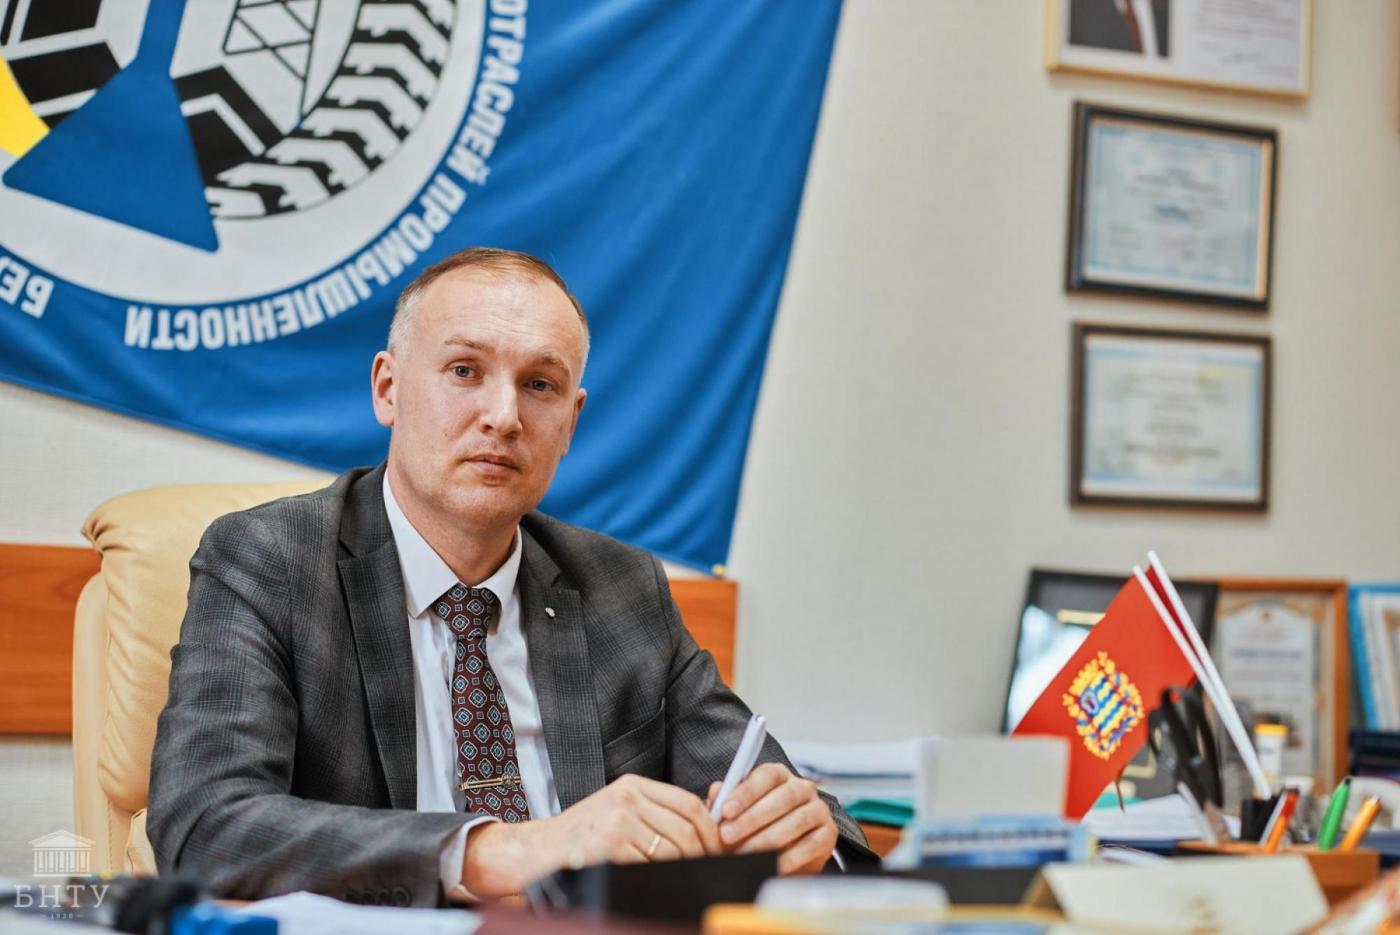 Как получить грант Министерства образования Республики Беларусь? История Дмитрия Николаевича Швайбы